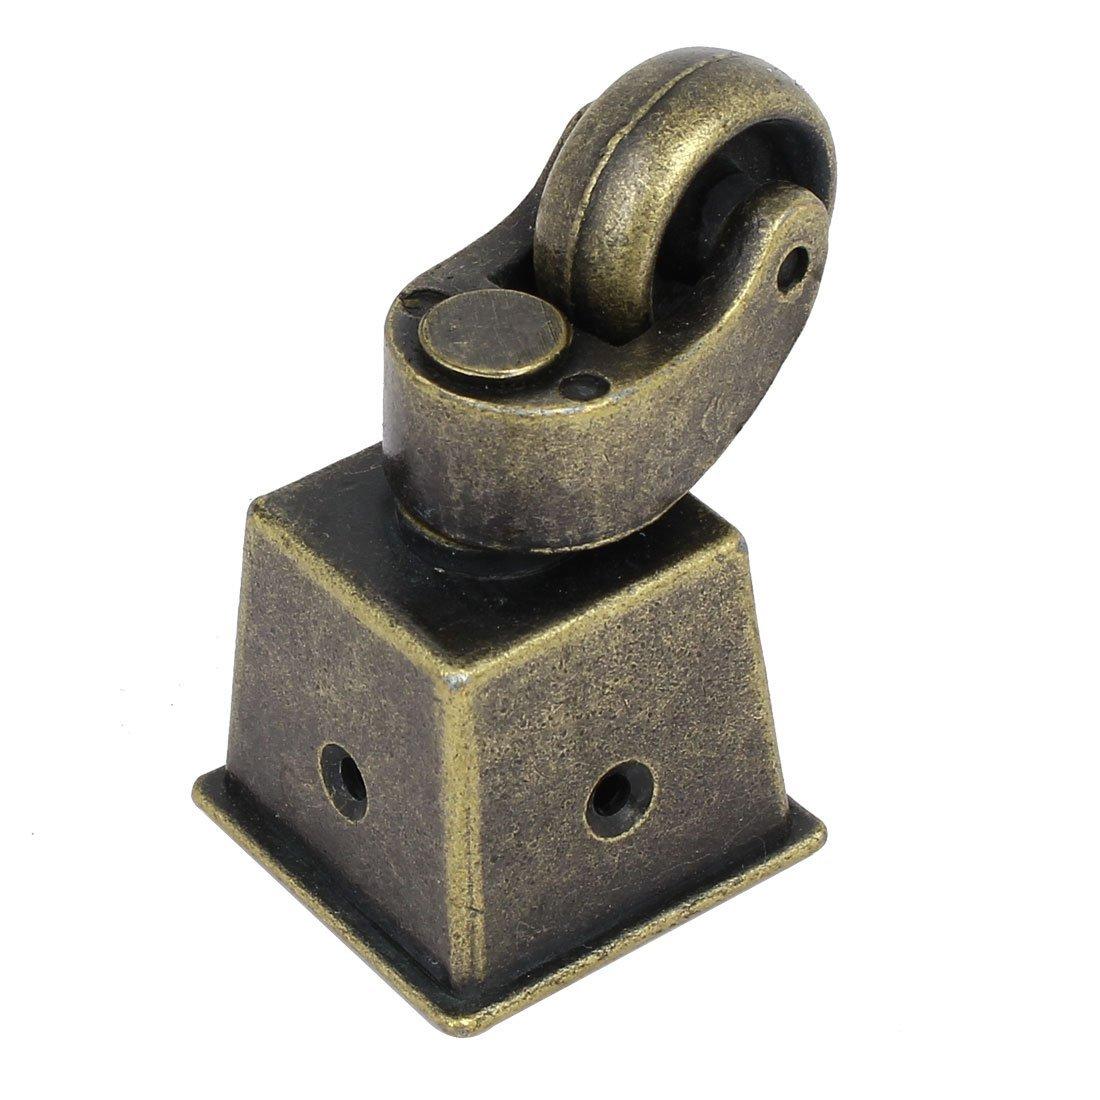 eDealMax 1 pouces Roue pivotante Dia carré Coupe Tone Bronze Caster Pour Chaise Table